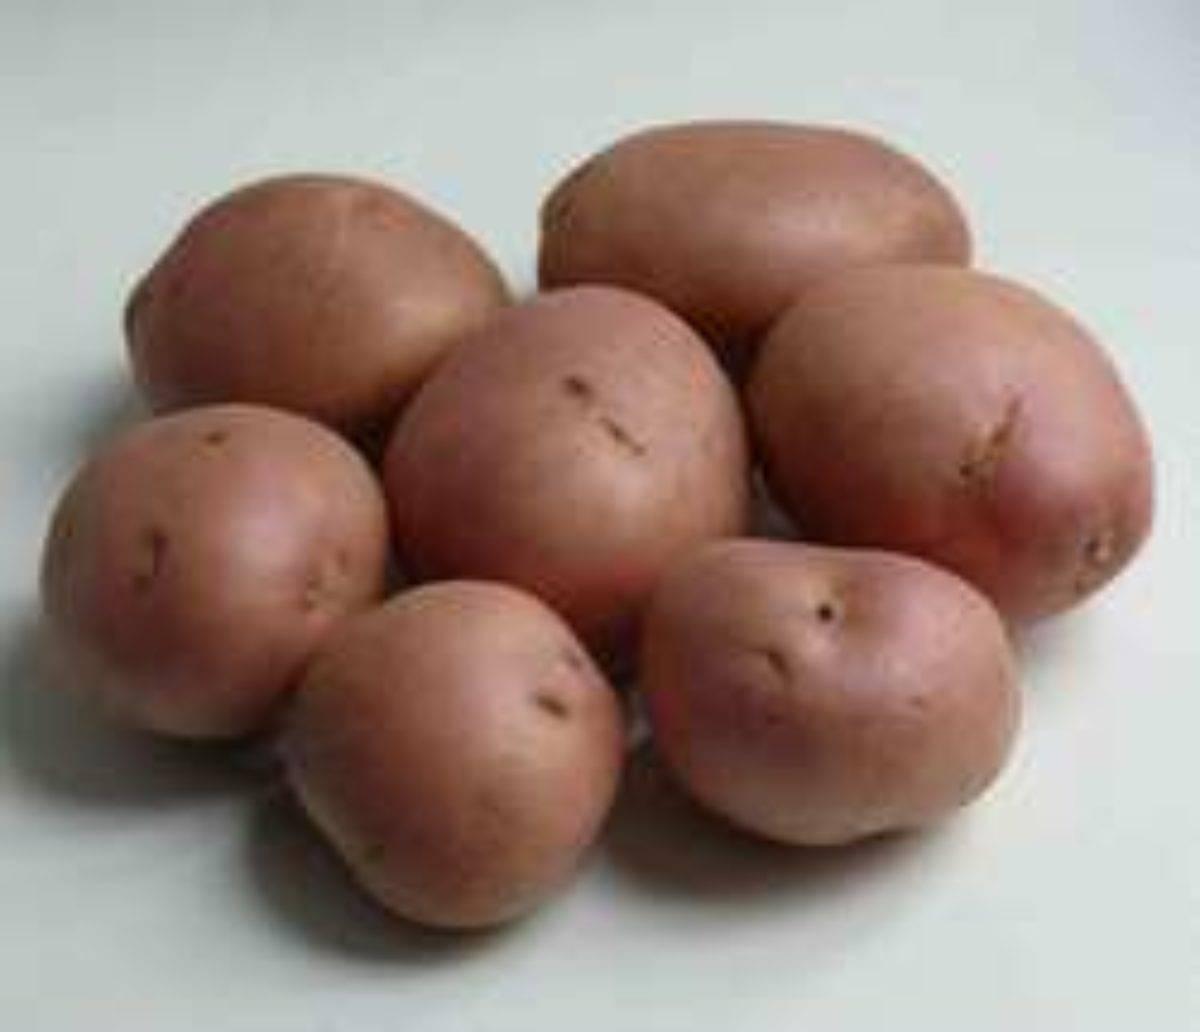 Картофель романце: описание сорта, характеристики, достоинства, сроки и правила посадки, агротехника, отзывы